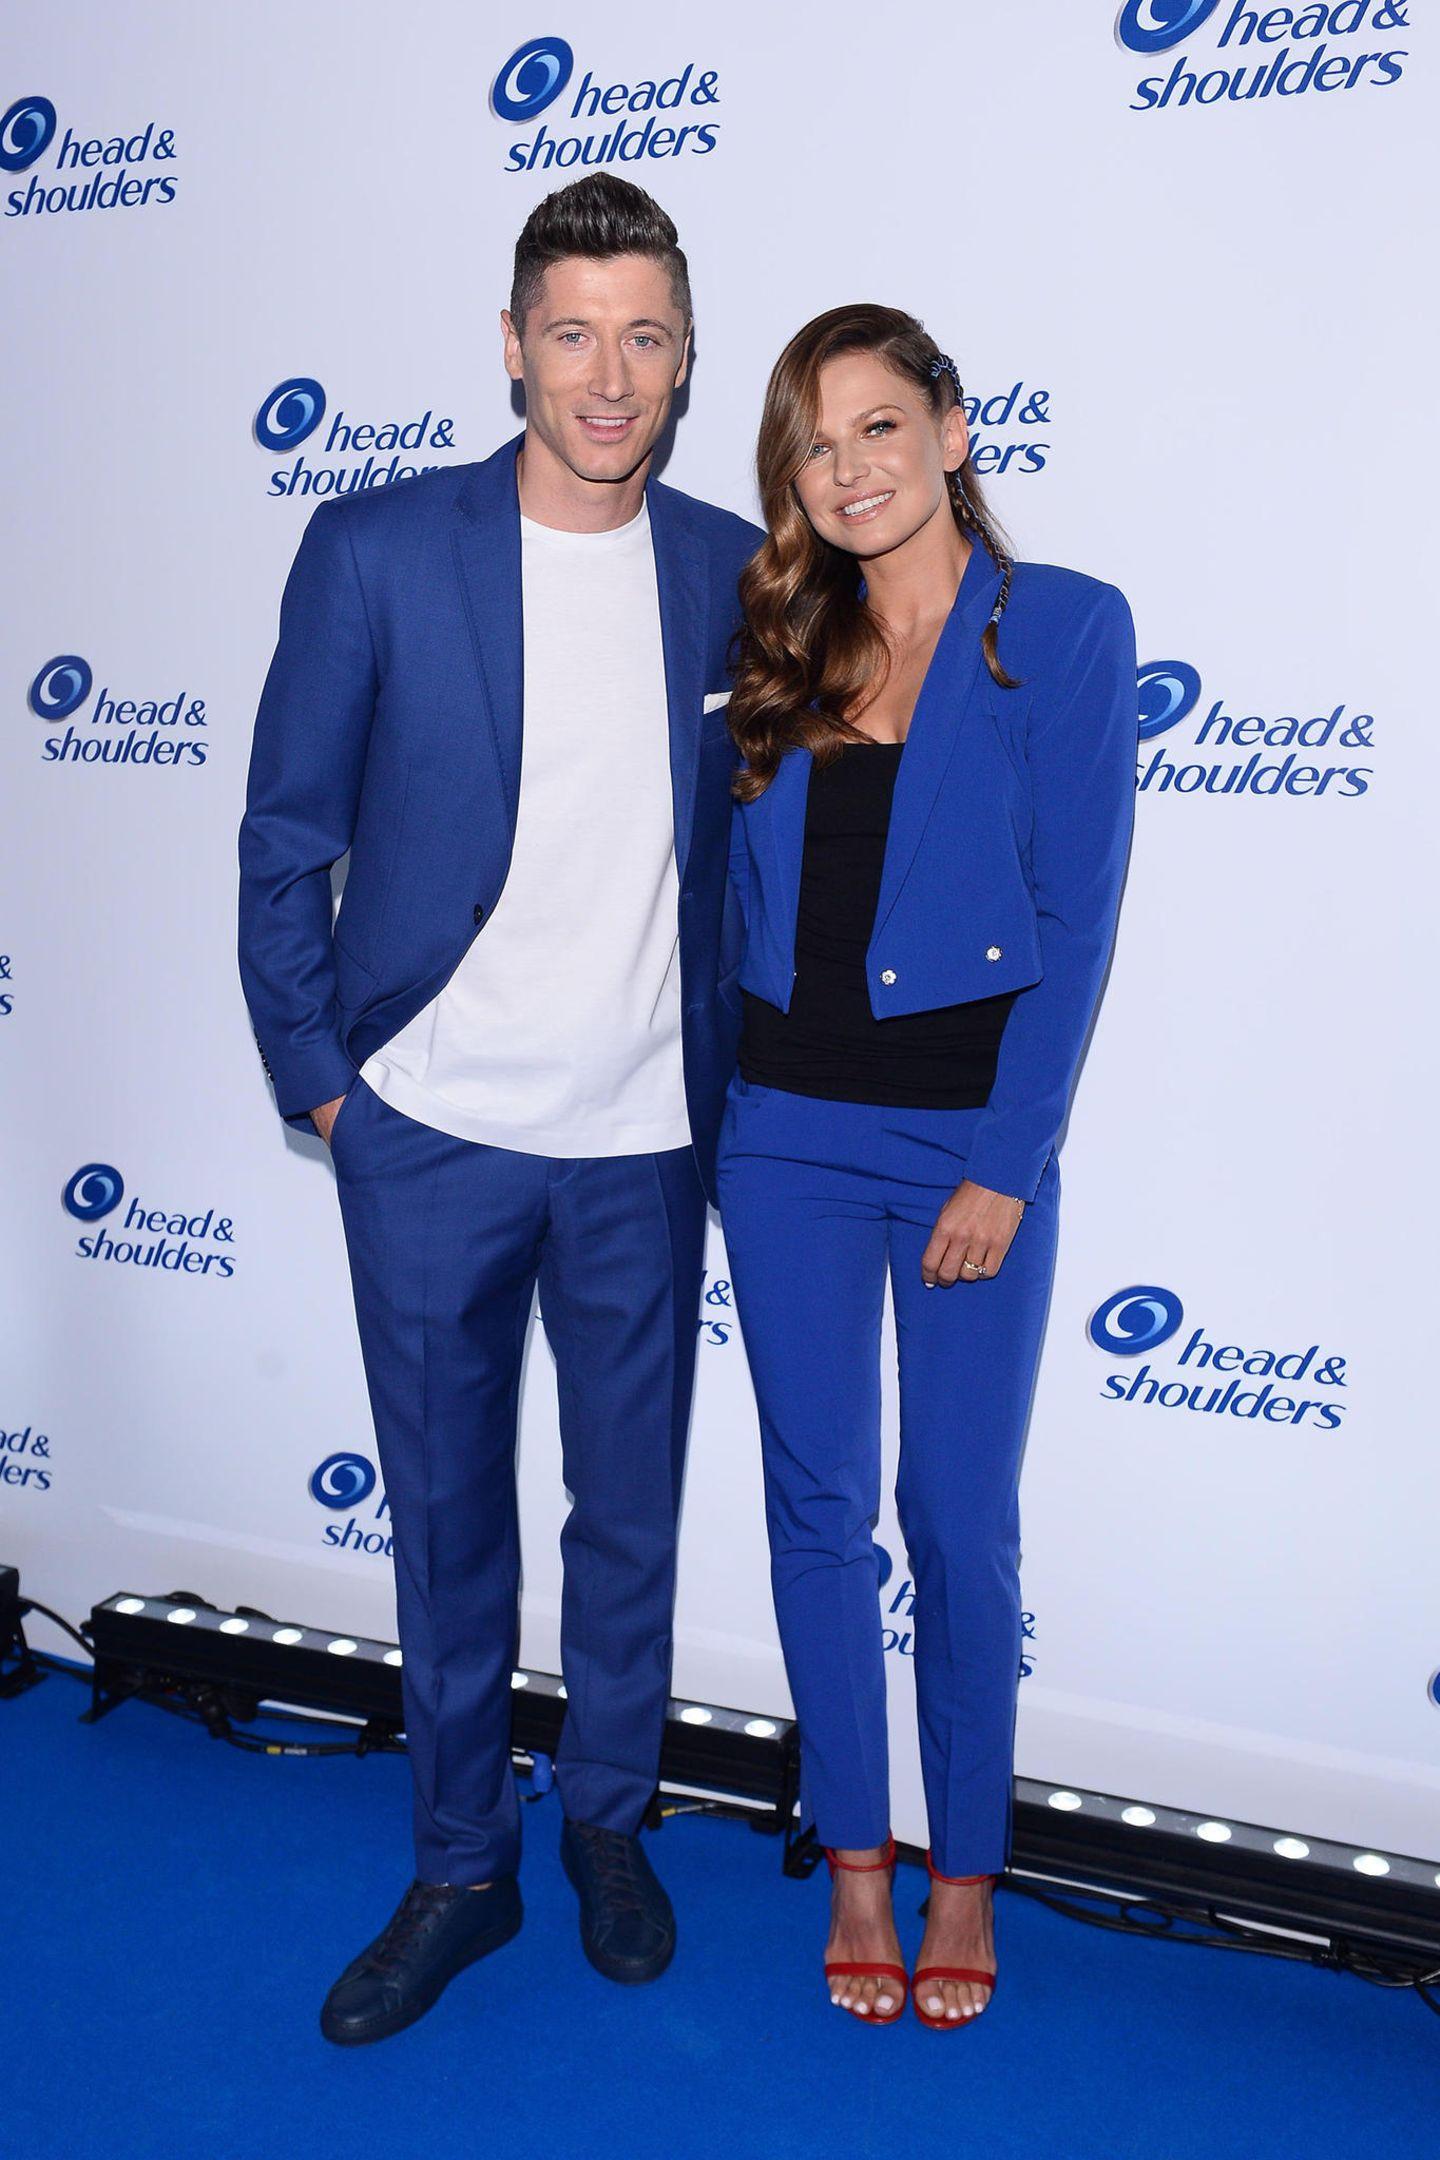 Robert Lewandowski und seine Anna posieren in farblich abgestimmten Outfits auf dem blauen Teppich eines Events in Warschau. Während er seinen blauen Anzug nur mit einem schlichten weißen Shirt kombiniert, peppt sie ihren Zweiteiler mit einem schwarzen Top und roten Riemchen-Heels auf.